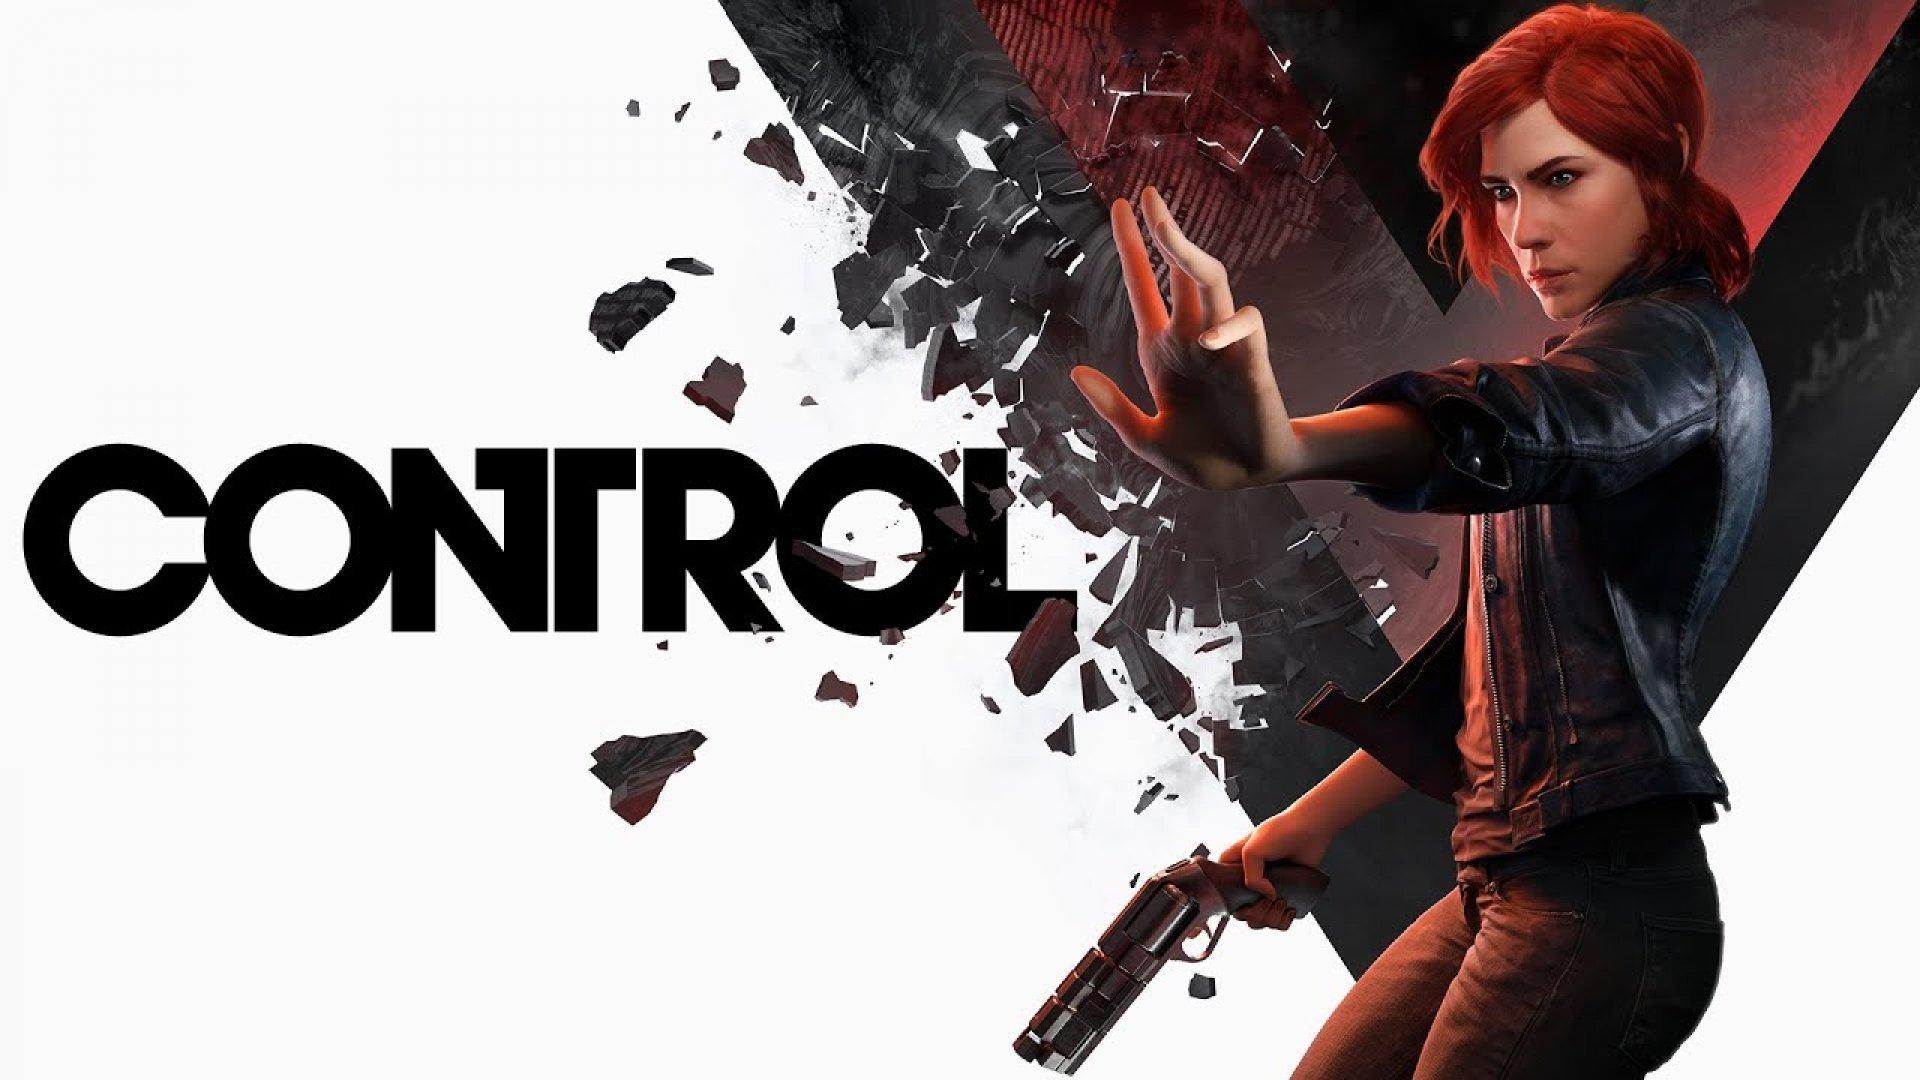 Слухи подтвердились: Alan Wake Remastered выйдет осенью 2021 года (control game wallpaper 67556 69871 hd wallpapers)